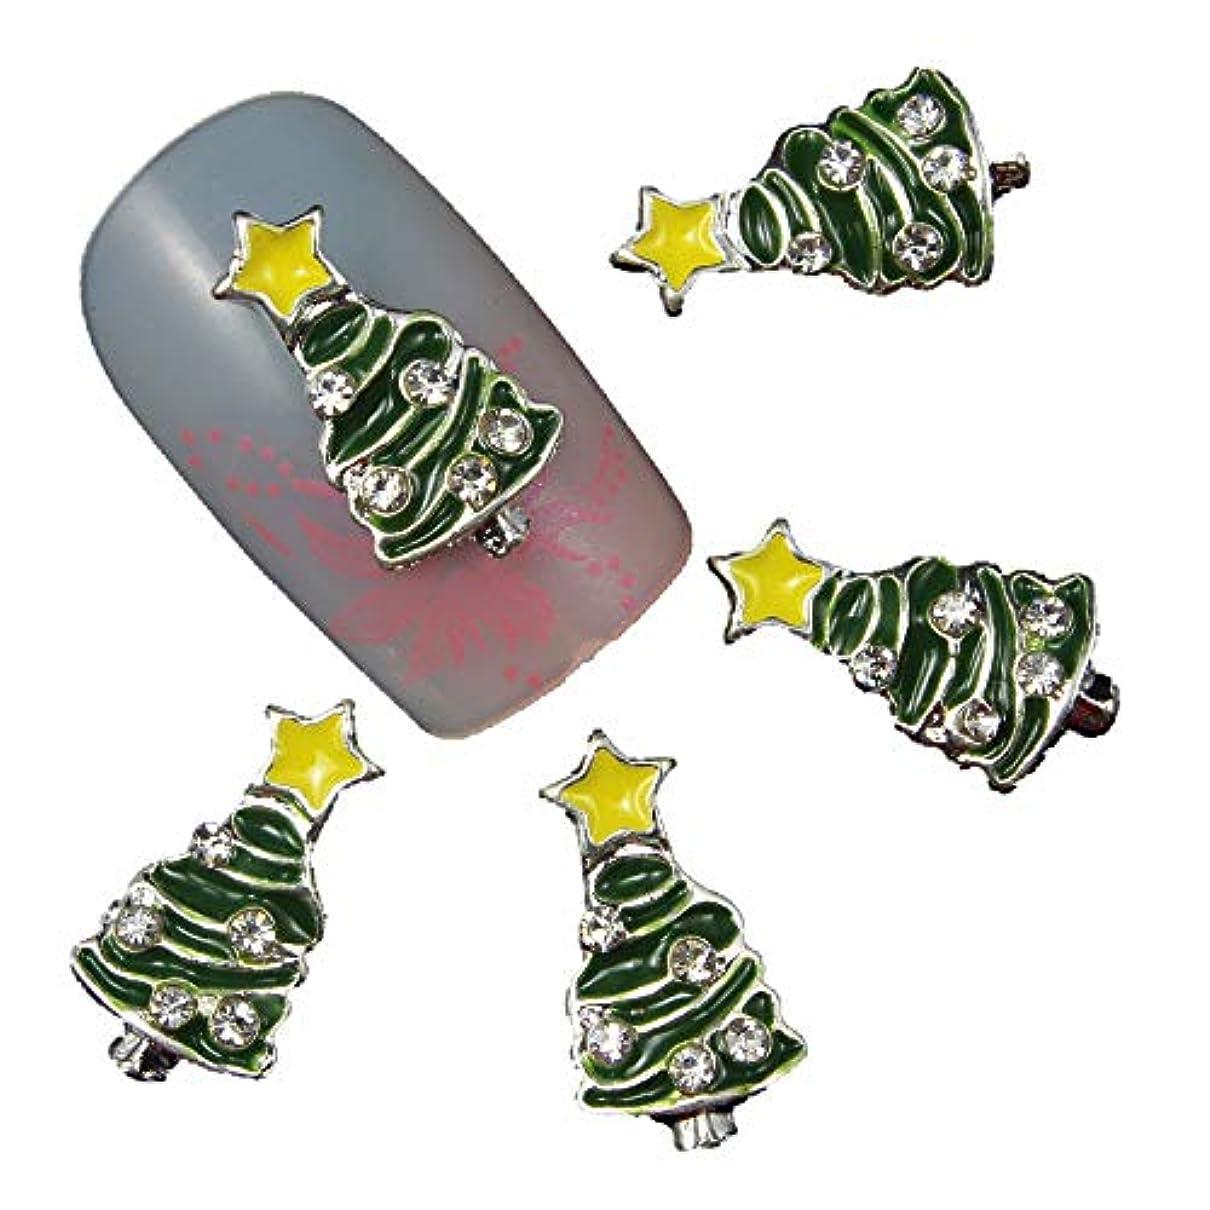 証明書ジャケット距離10個/ロット3Dクリスマスツリーのネイルアートマジックカラーデザインのスタッドは、美容ネイルチャームラインストーン用品